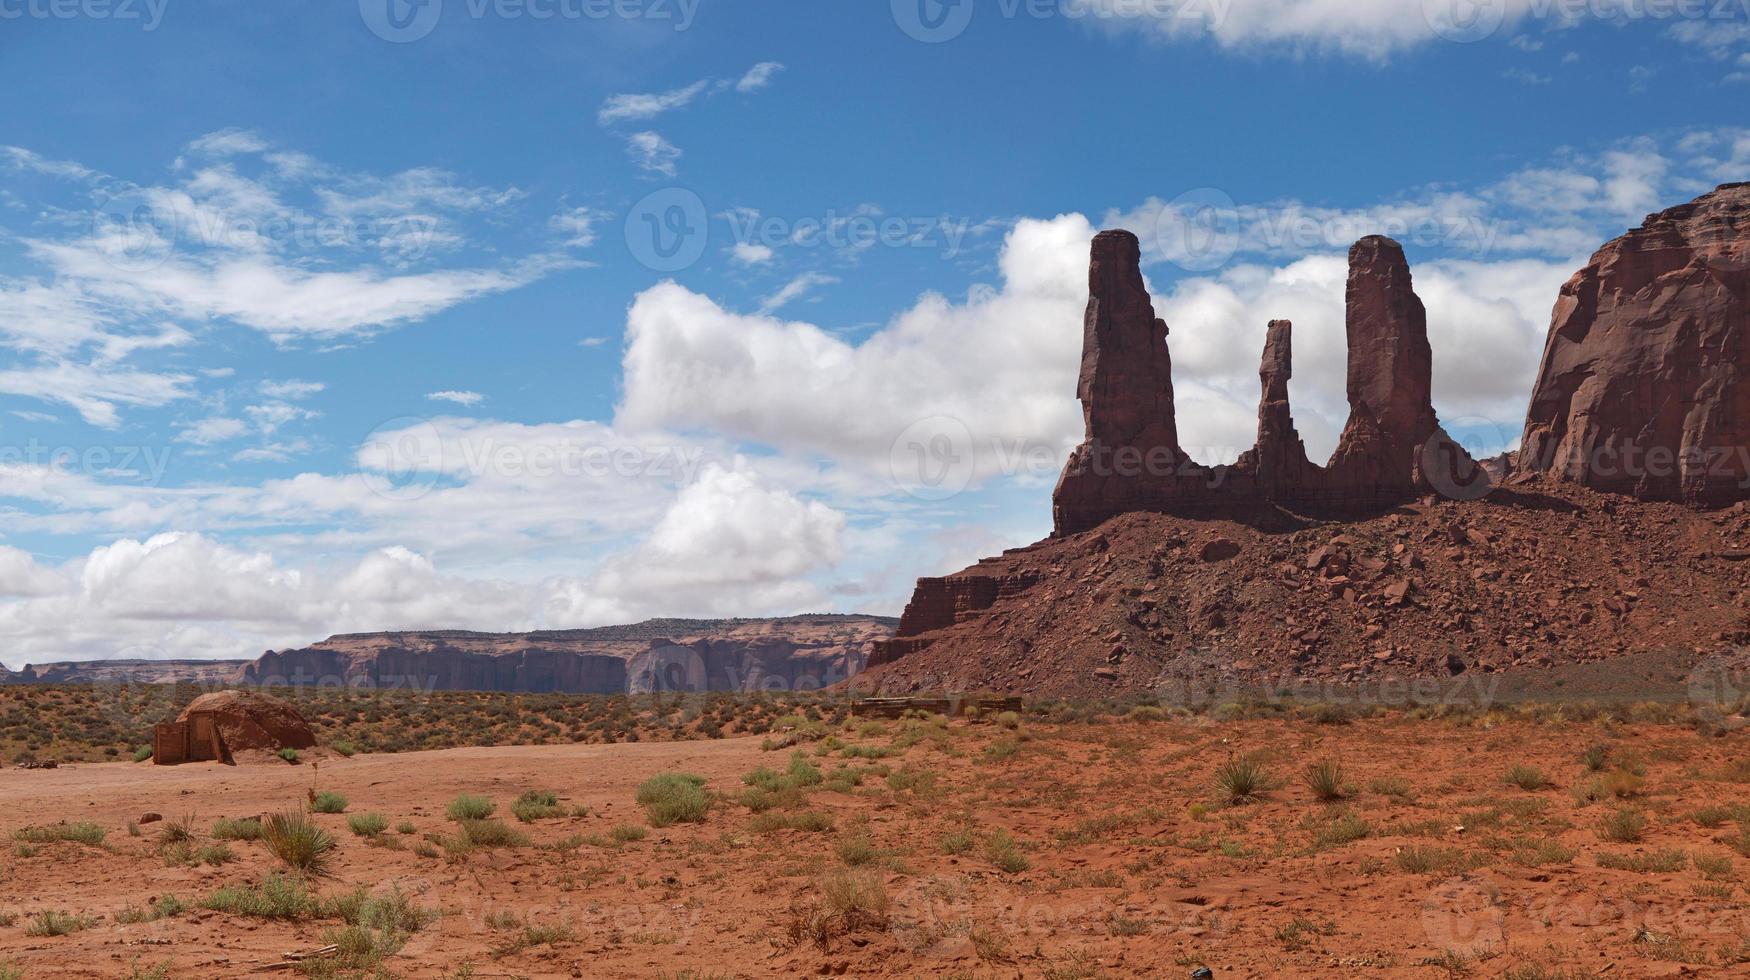 três irmãs e navajo hogan foto